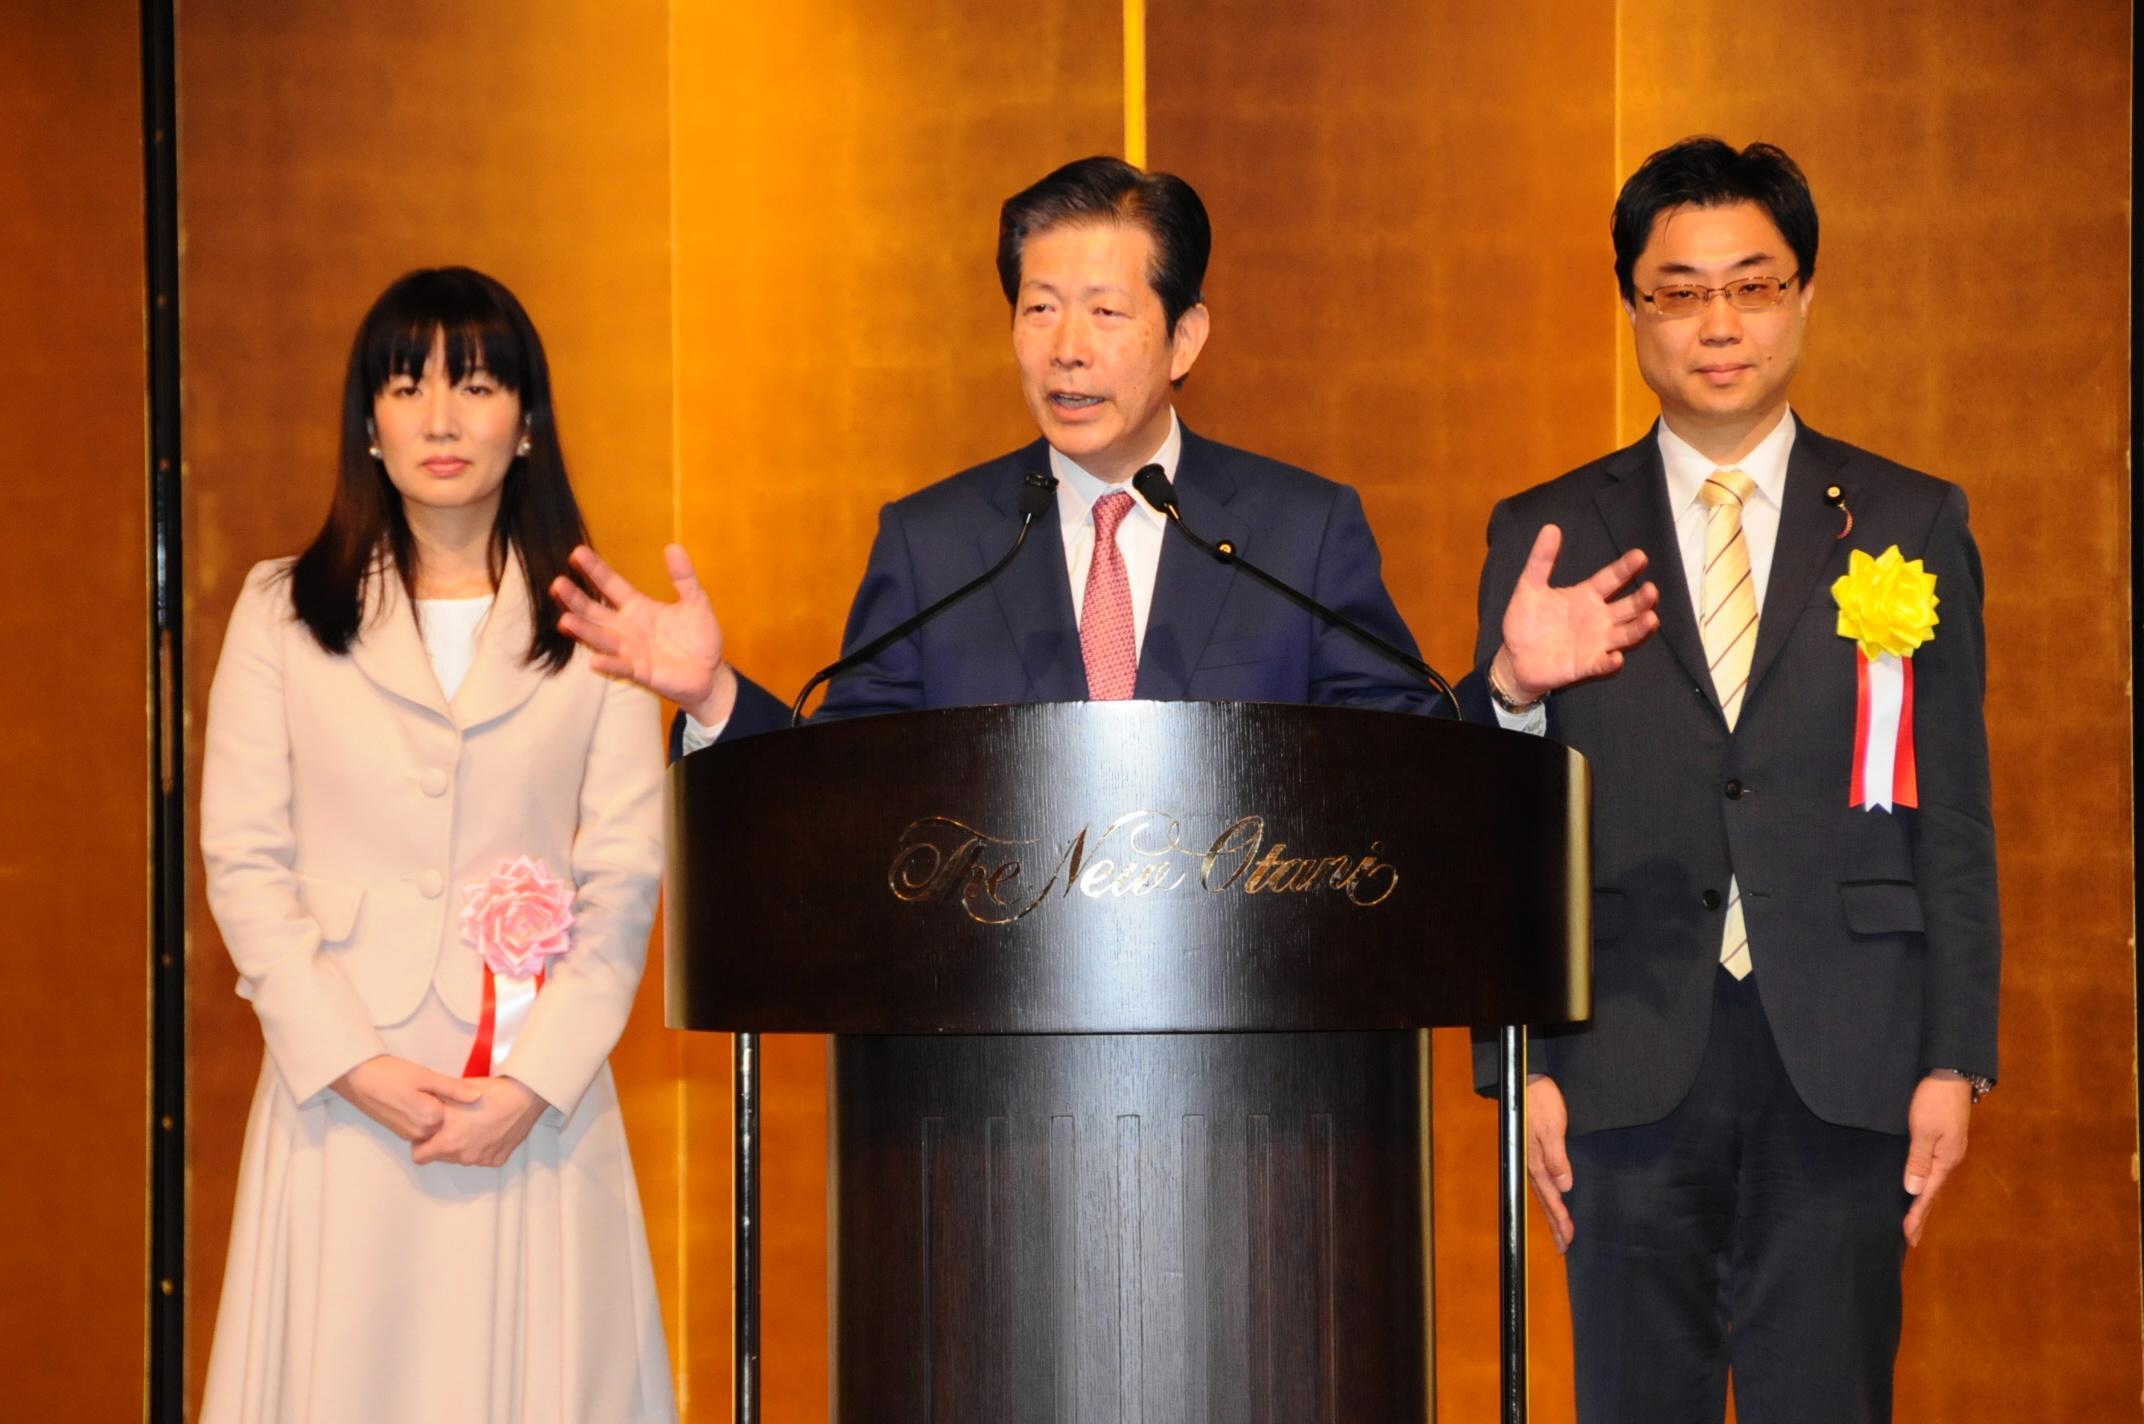 https://www.n-yamaguchi.gr.jp/news/b9a264c7ea6b8c360ef733cd486c3053f0717ae1.jpg